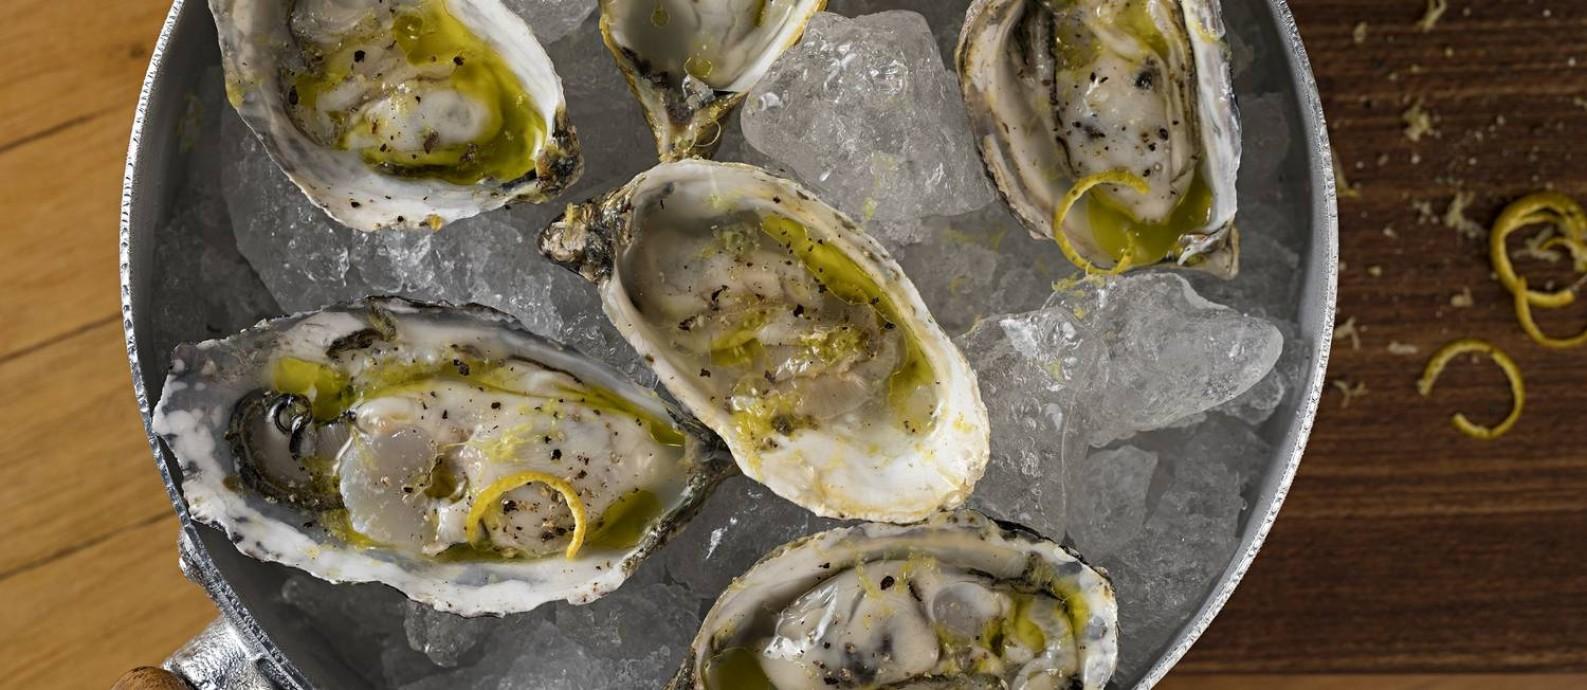 Panelinha de ostras do Bazzar Foto: Divulgação/Rodrigo Azevedo